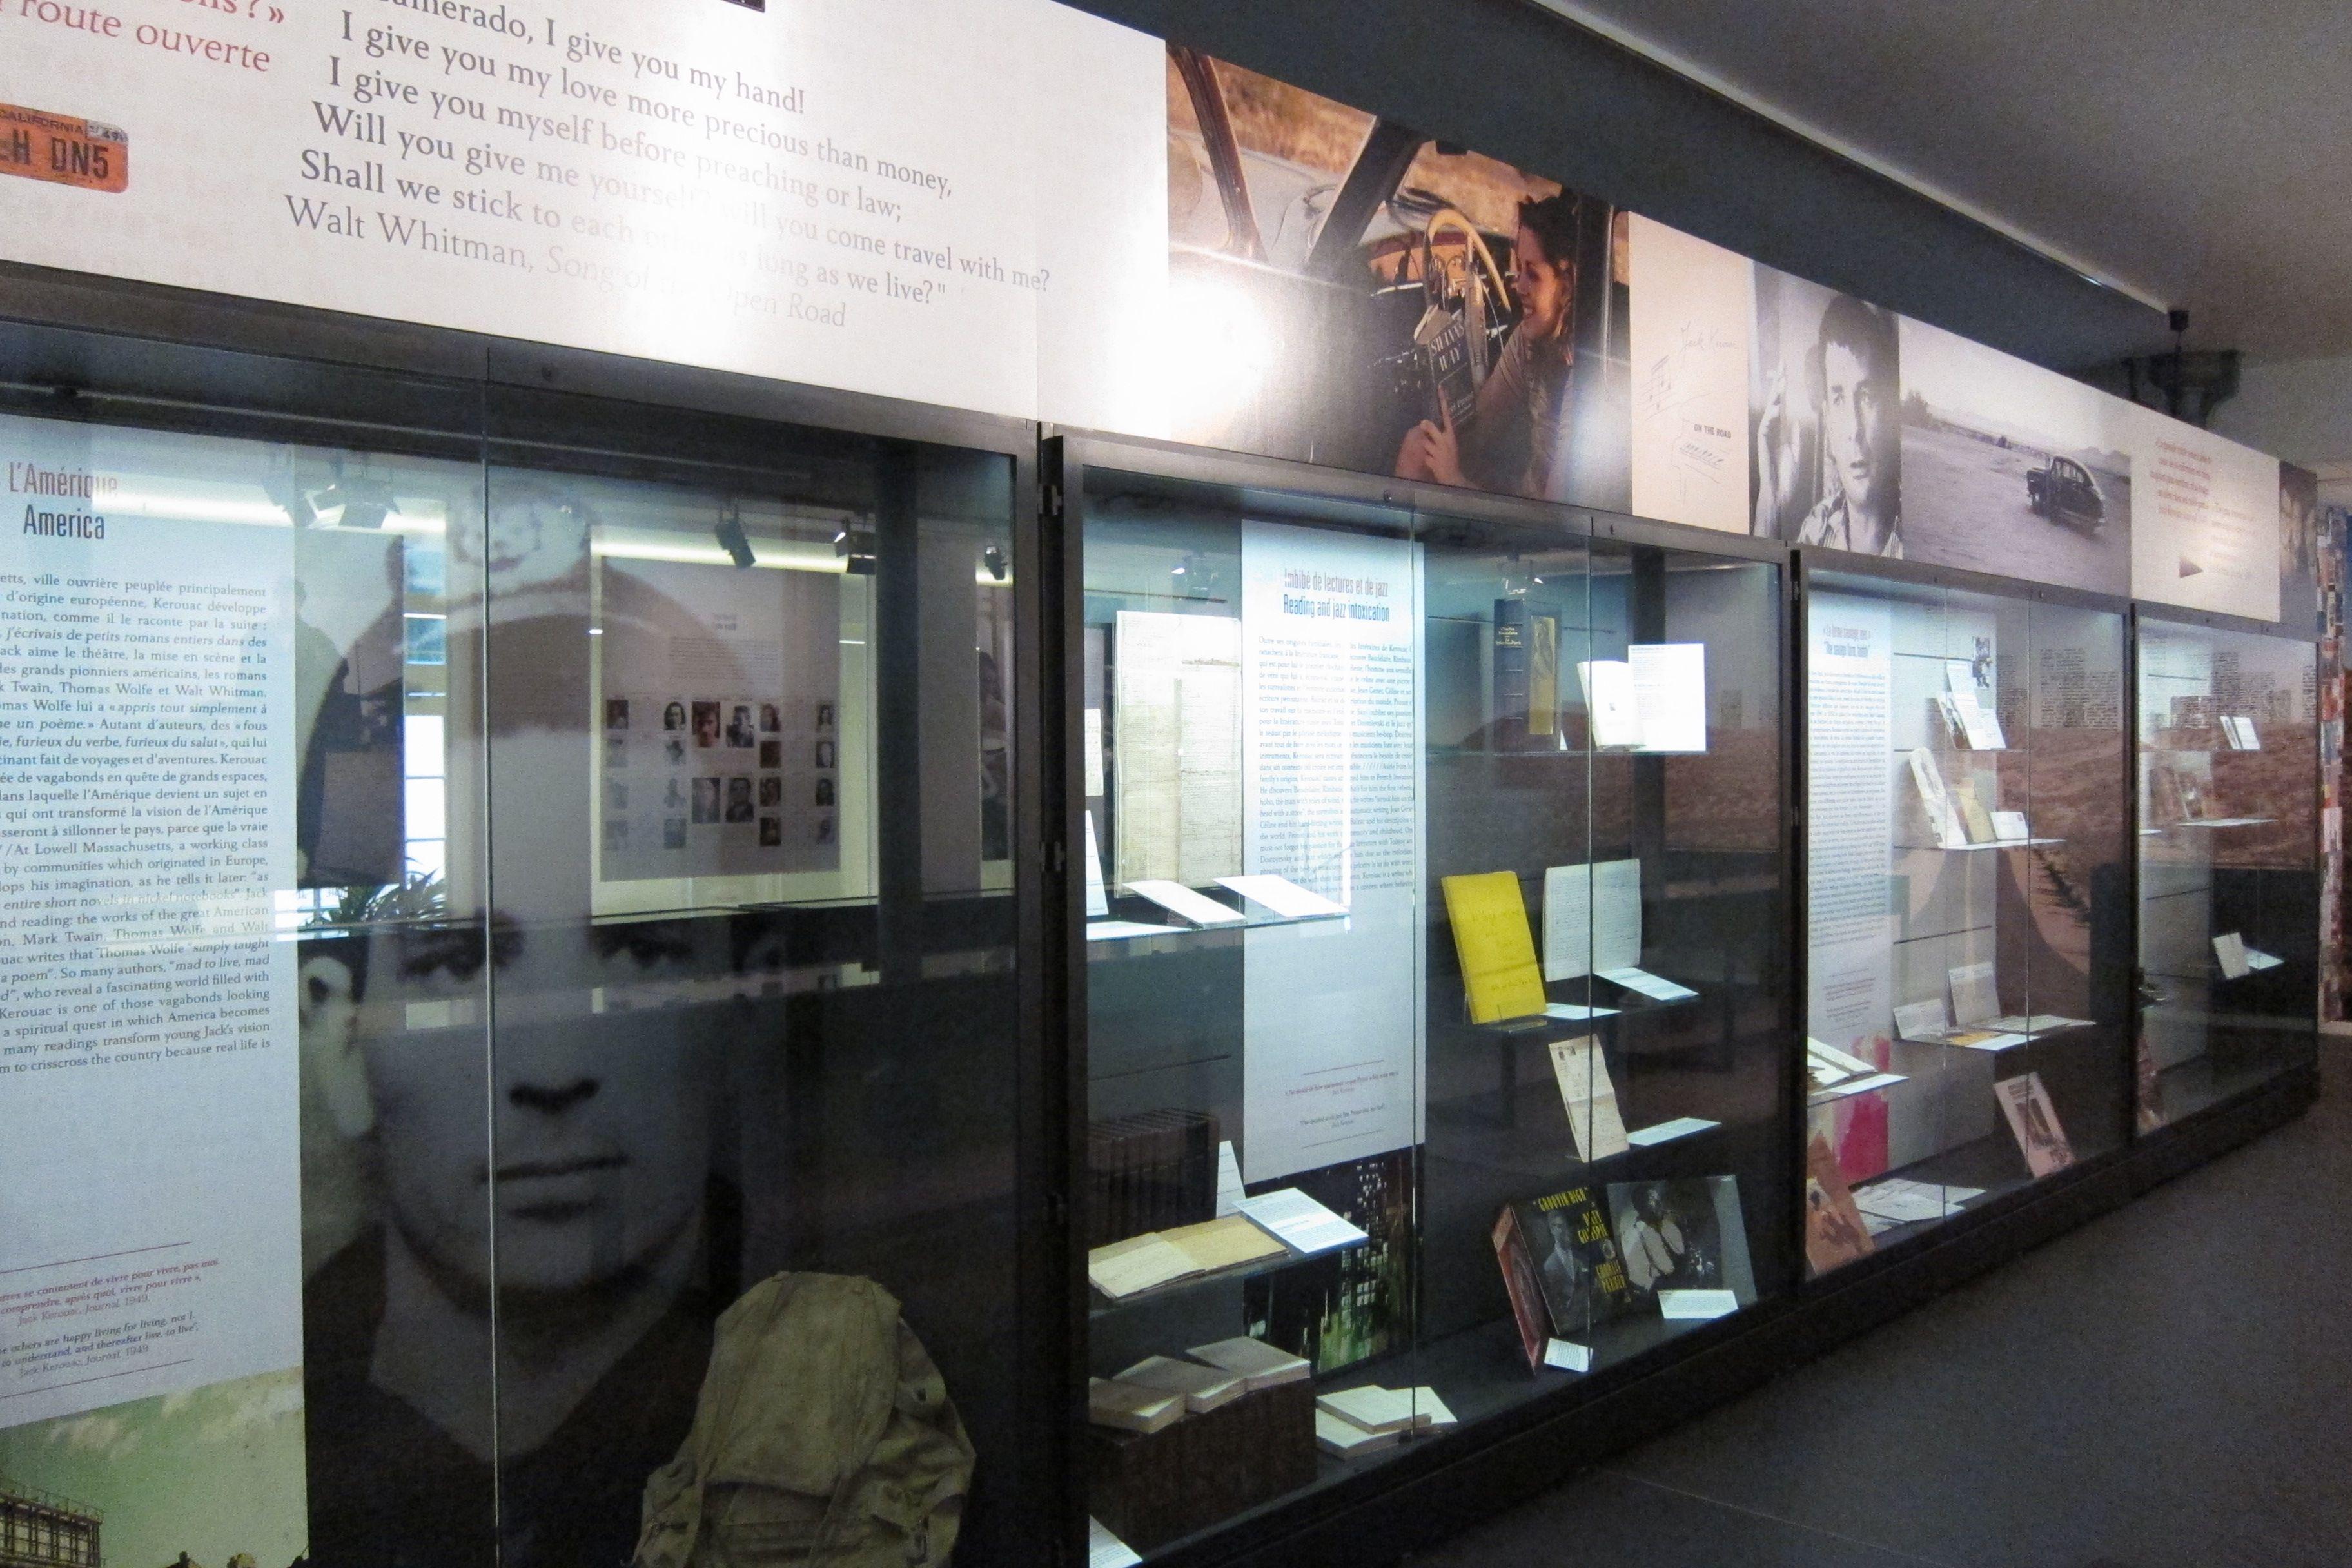 Les Vitrines De L Exposition Kerouac Au Musee Des Lettres Et Manuscrits